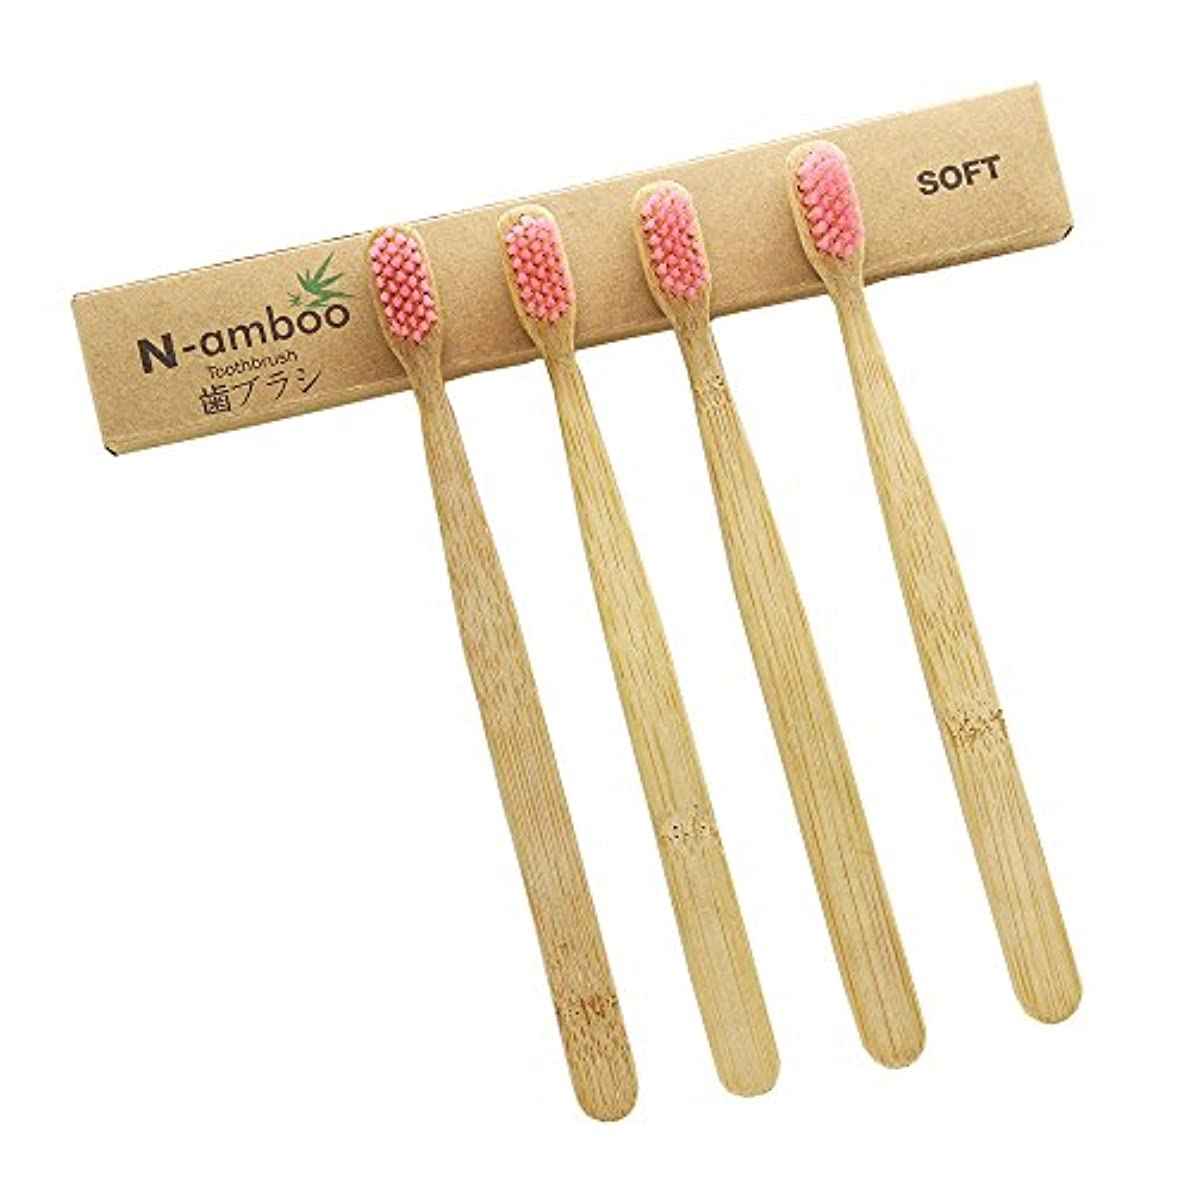 煙突通信する針N-amboo 竹製 歯ブラシ 高耐久性 ピンク エコ 色あざやか (4本)